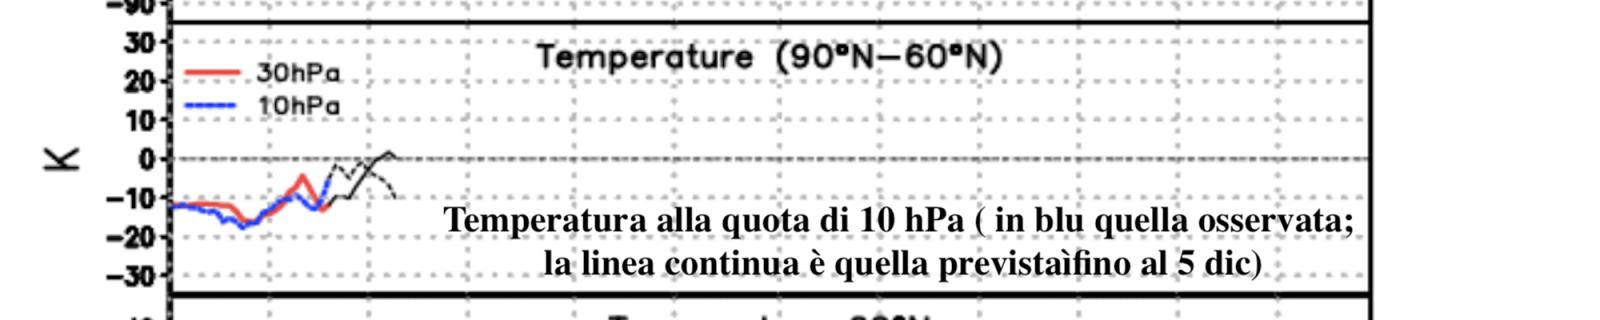 Schermata%202019-11-26%20alle%2011_03_28(1).png